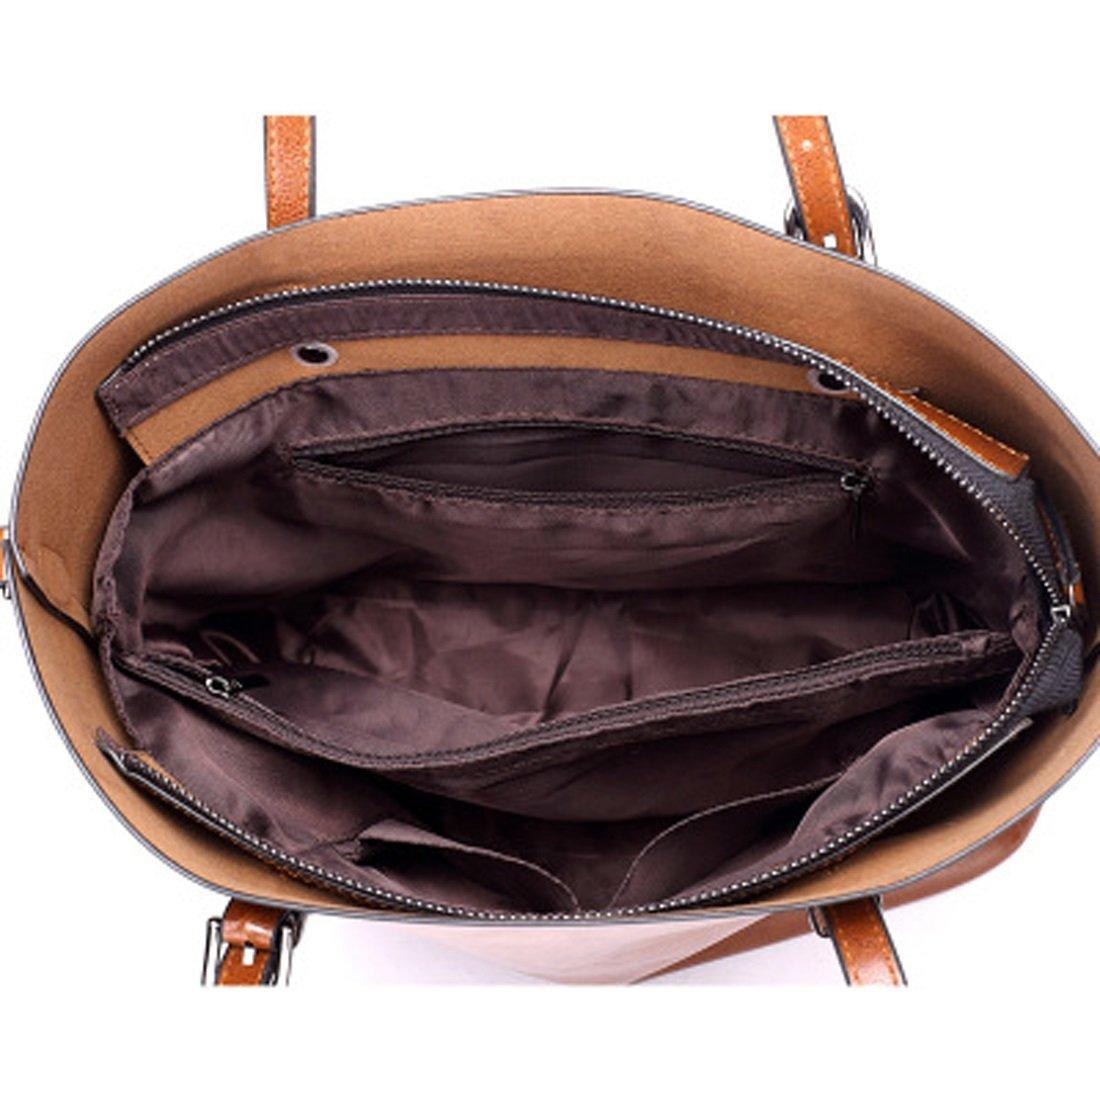 Women's Bags Handbags Shoulder Bags Genuine Leather Brown Big Casual All Seasons Black Coffee Brown Wine (Color : Brown) by WTING (Image #4)